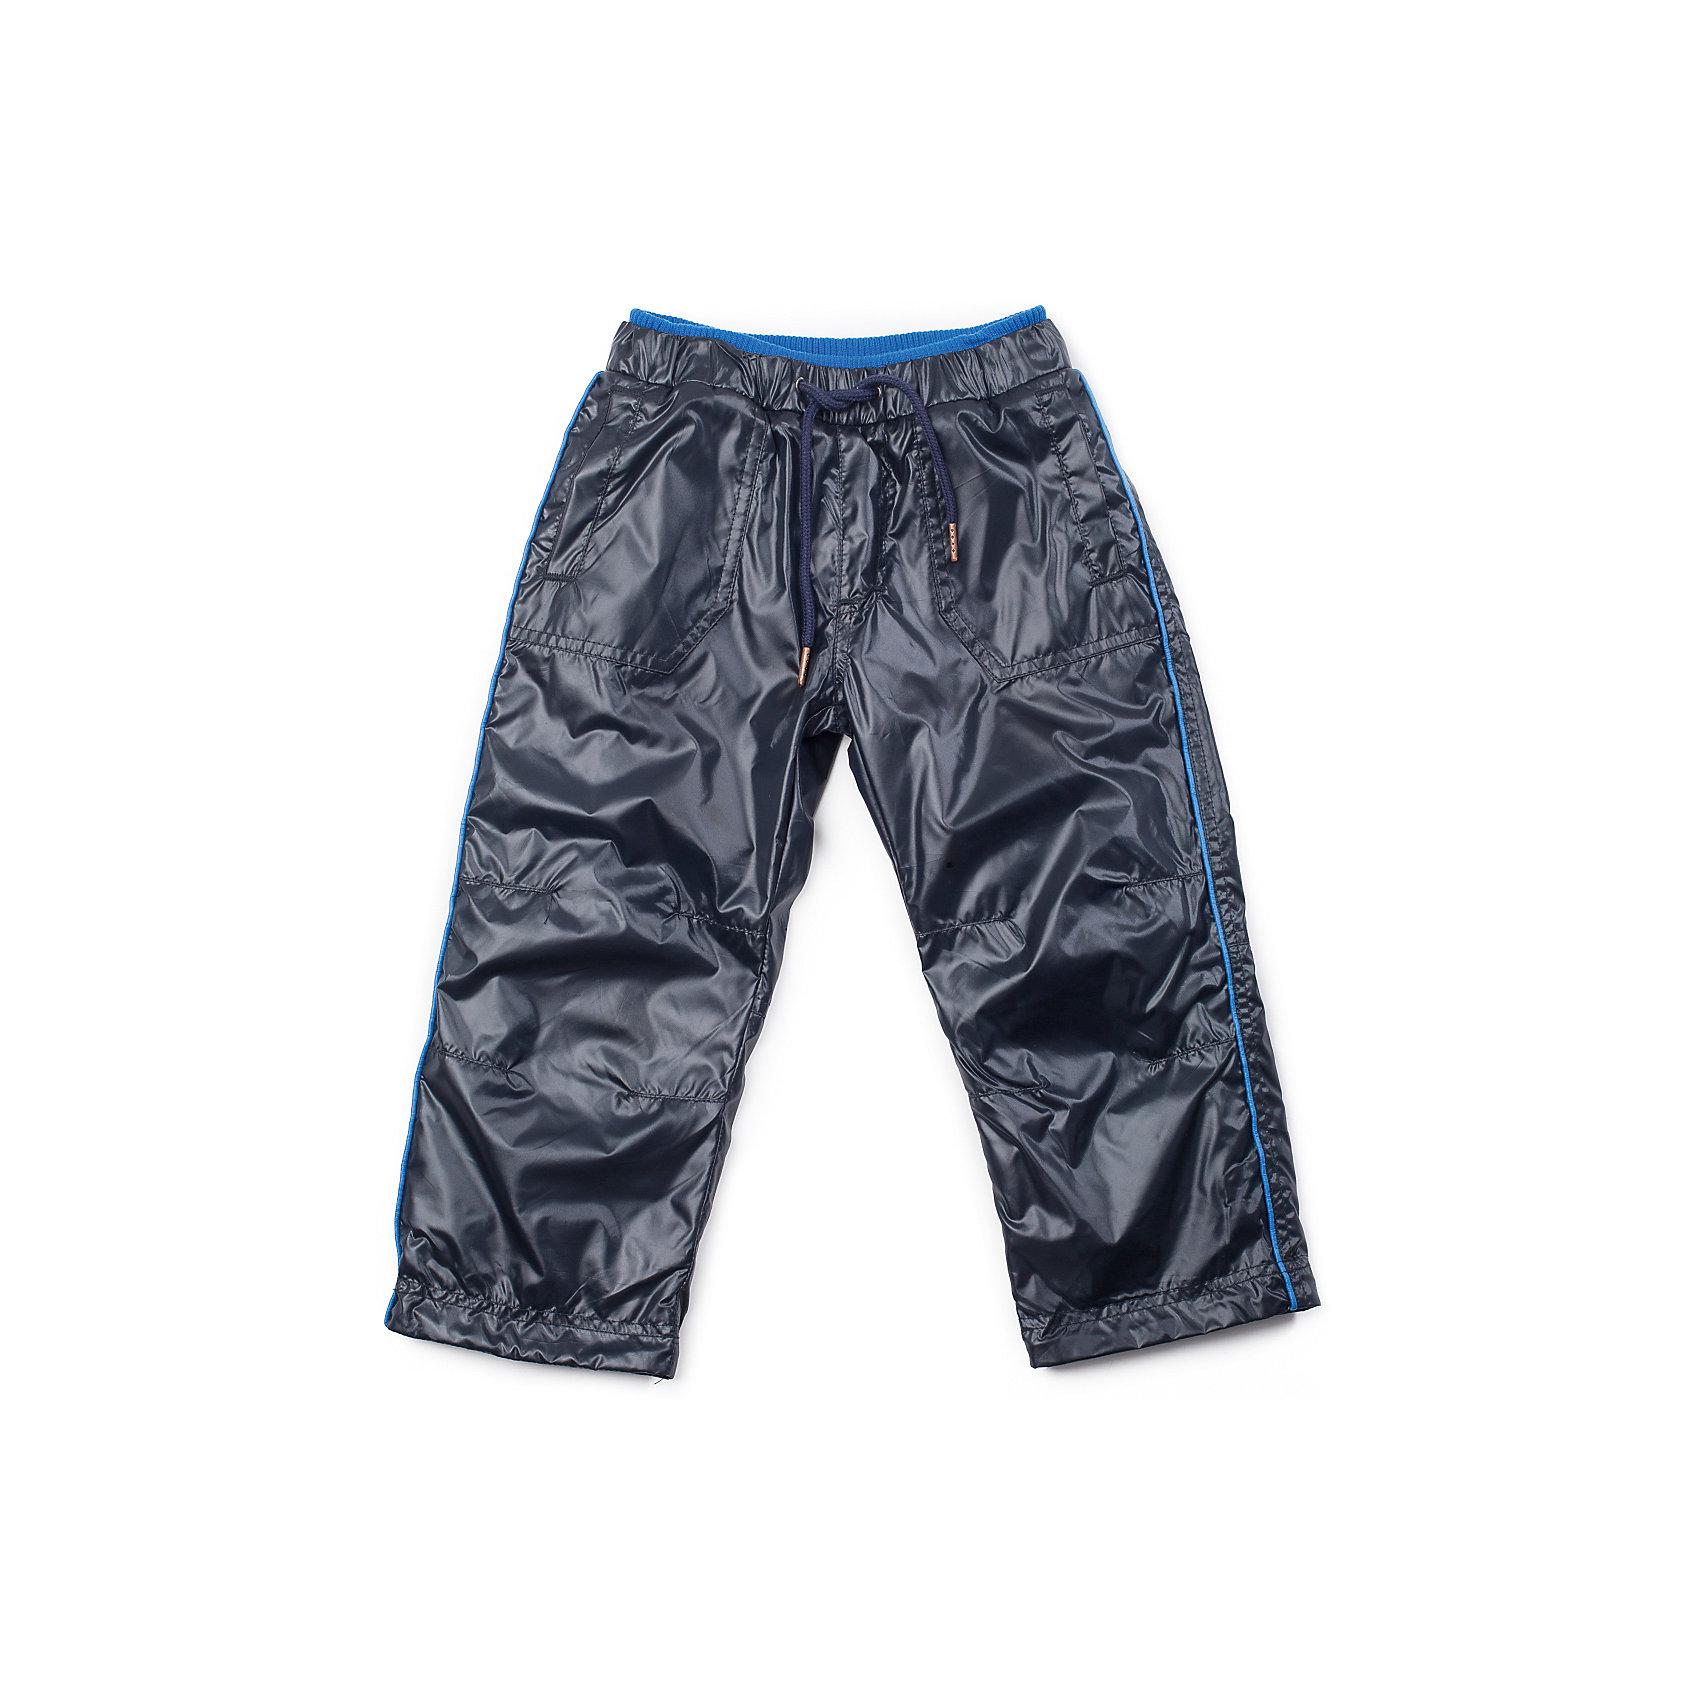 Брюки для мальчика Sweet BerryВерхняя одежда<br>Брюки утепленные для мальчика, непромокаемые, пояс на удобной резинке.<br>Состав:<br>Верх: 100% полиэстер, Подкладка: 100%полиэстер<br><br>Ширина мм: 215<br>Глубина мм: 88<br>Высота мм: 191<br>Вес г: 336<br>Цвет: синий<br>Возраст от месяцев: 9<br>Возраст до месяцев: 12<br>Пол: Мужской<br>Возраст: Детский<br>Размер: 80,86,98,92<br>SKU: 4273147